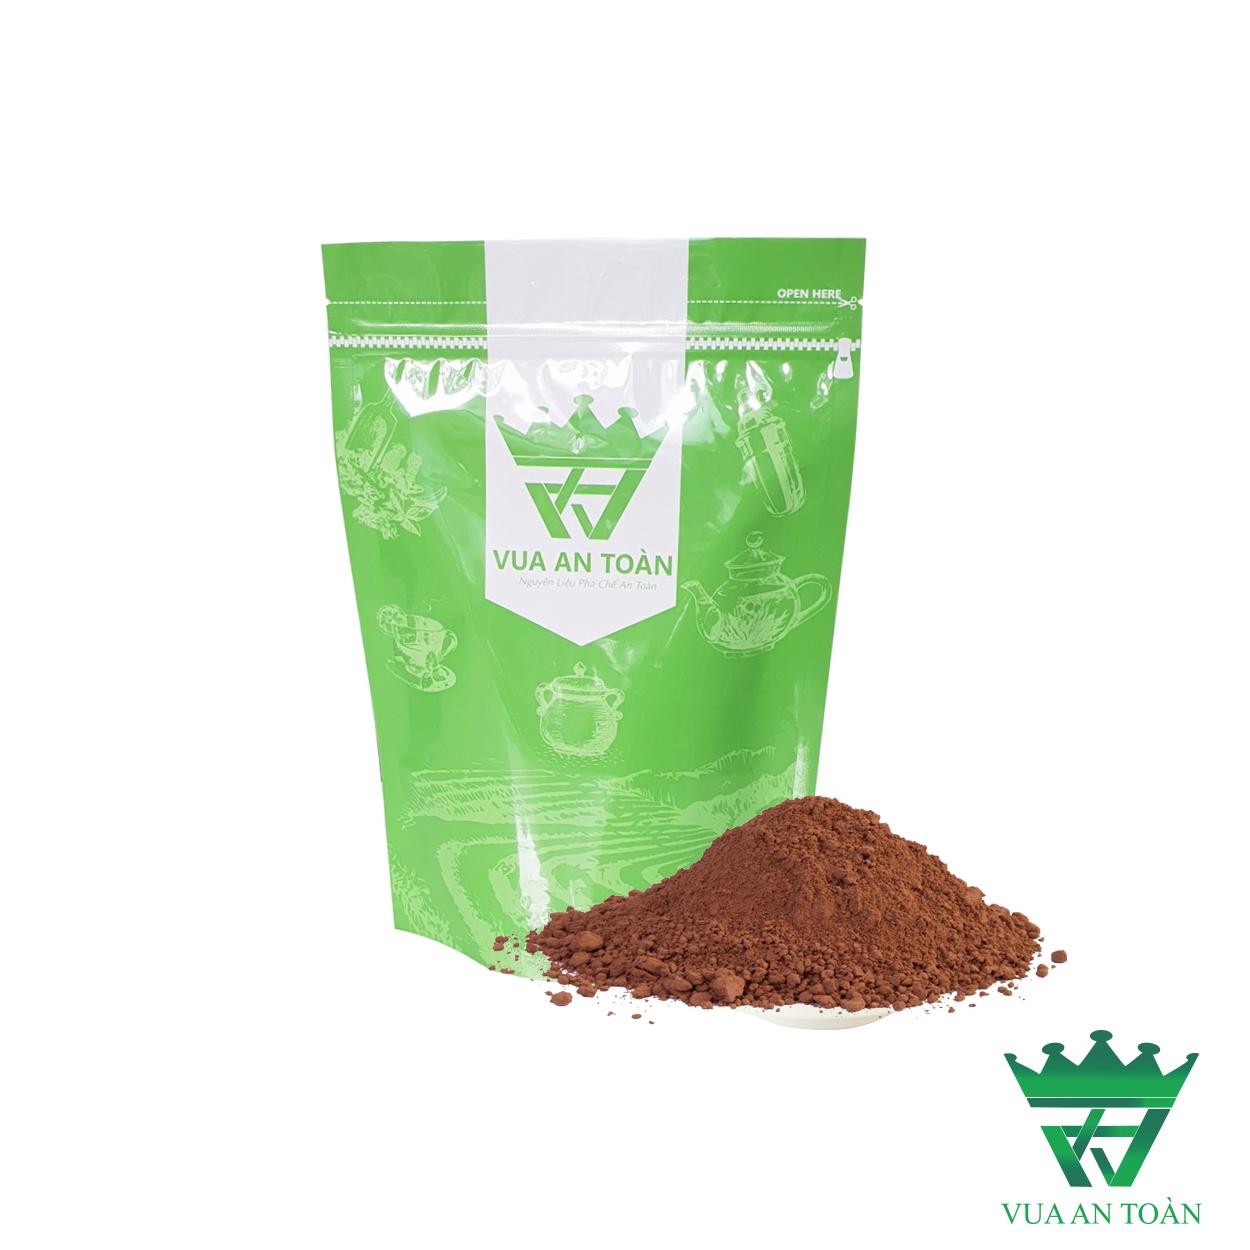 Bột Cacao Nguyên Chất Vua An Toàn